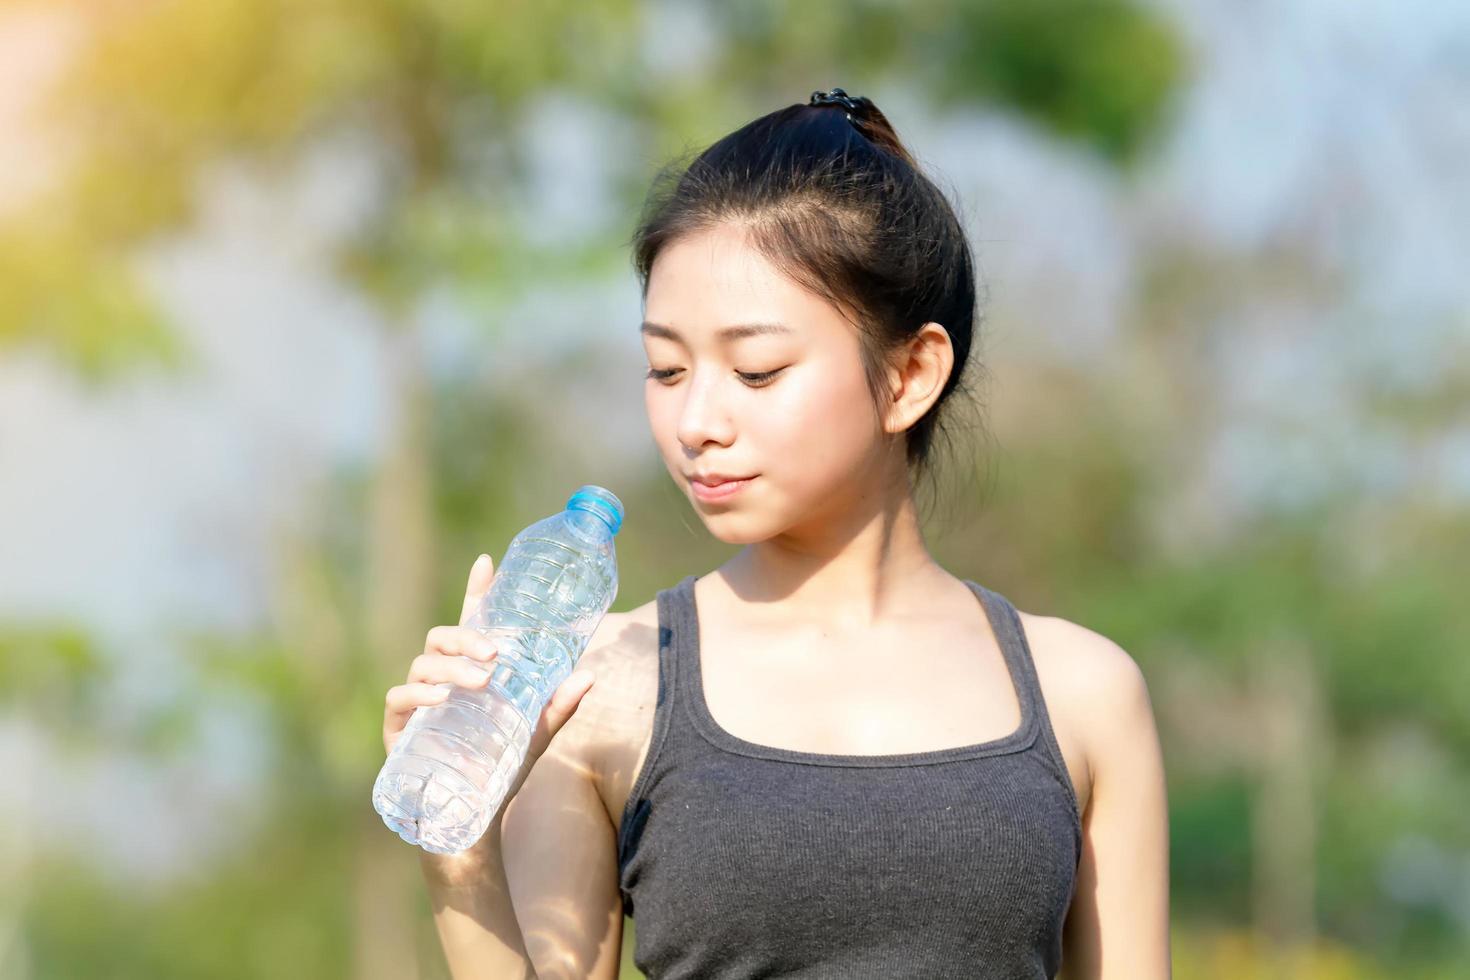 donna sportiva acqua potabile in giornata di sole foto